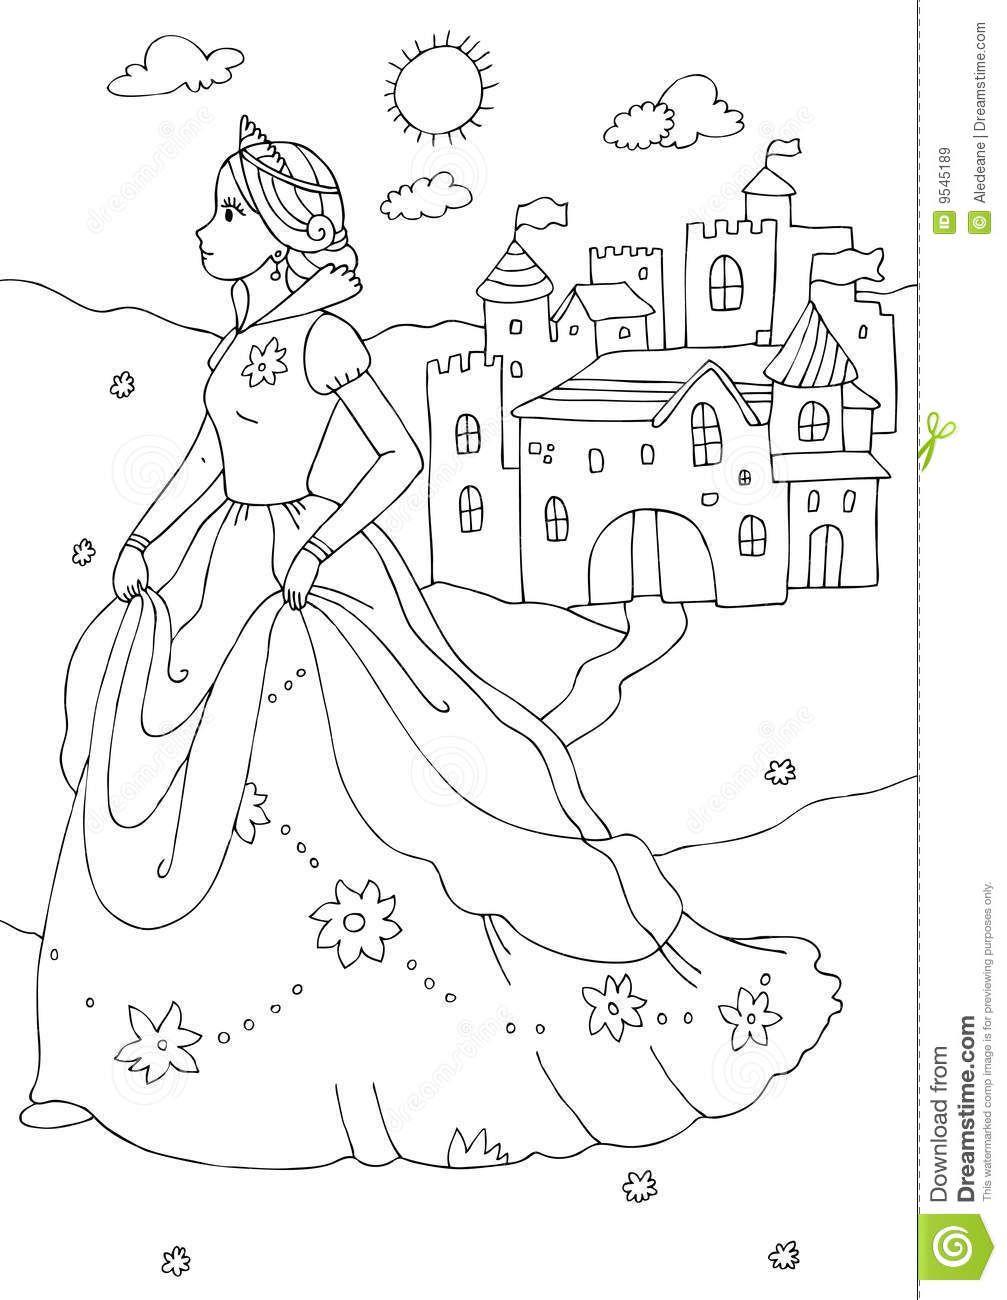 Princess Castle Coloring Page 9545189 Jpg 1007 1300 Castle Coloring Page Princess Coloring Pages Coloring Pages